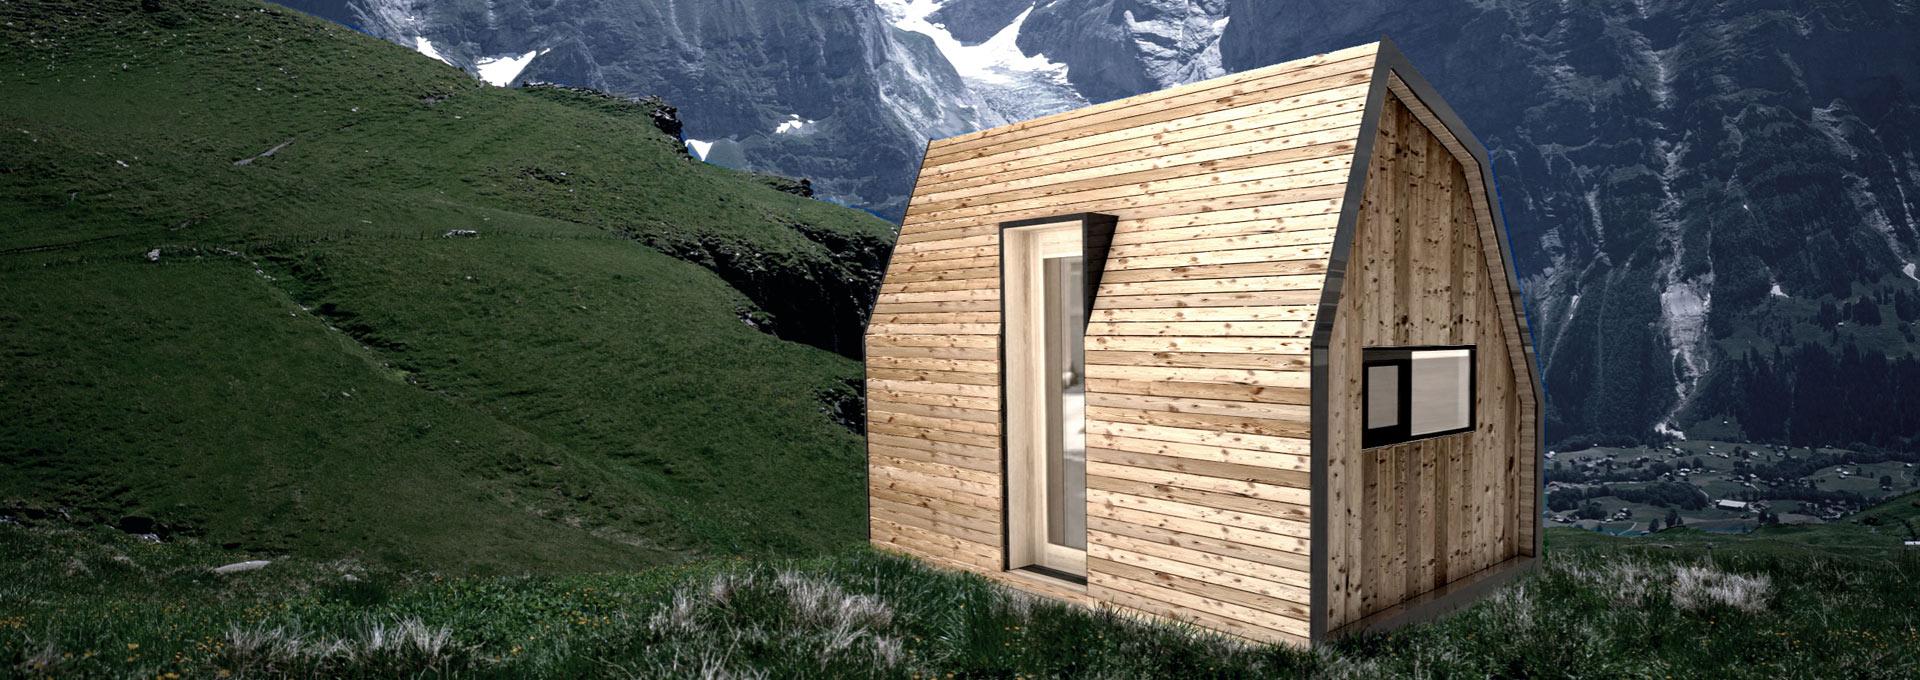 Mountain_-Lodge_Exterior_31